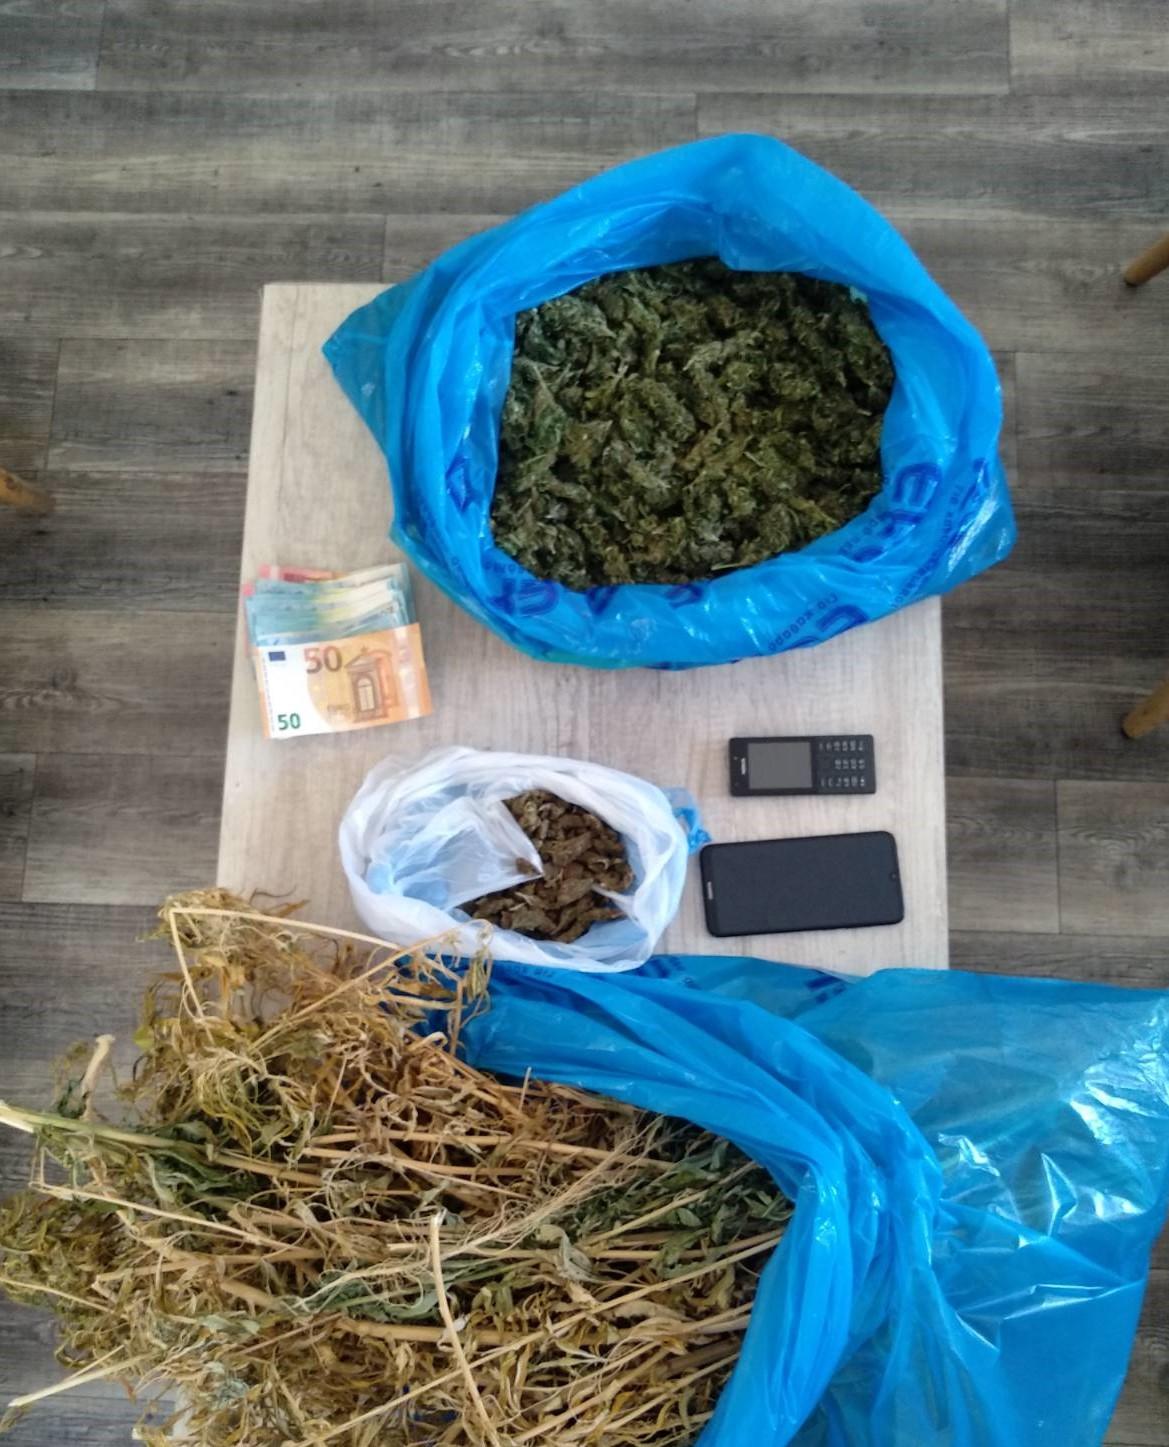 19-7-2021 Συνελήφθησαν δύο καλλιεργητές ναρκωτικών σε περιοχή της Πάτρας (1)